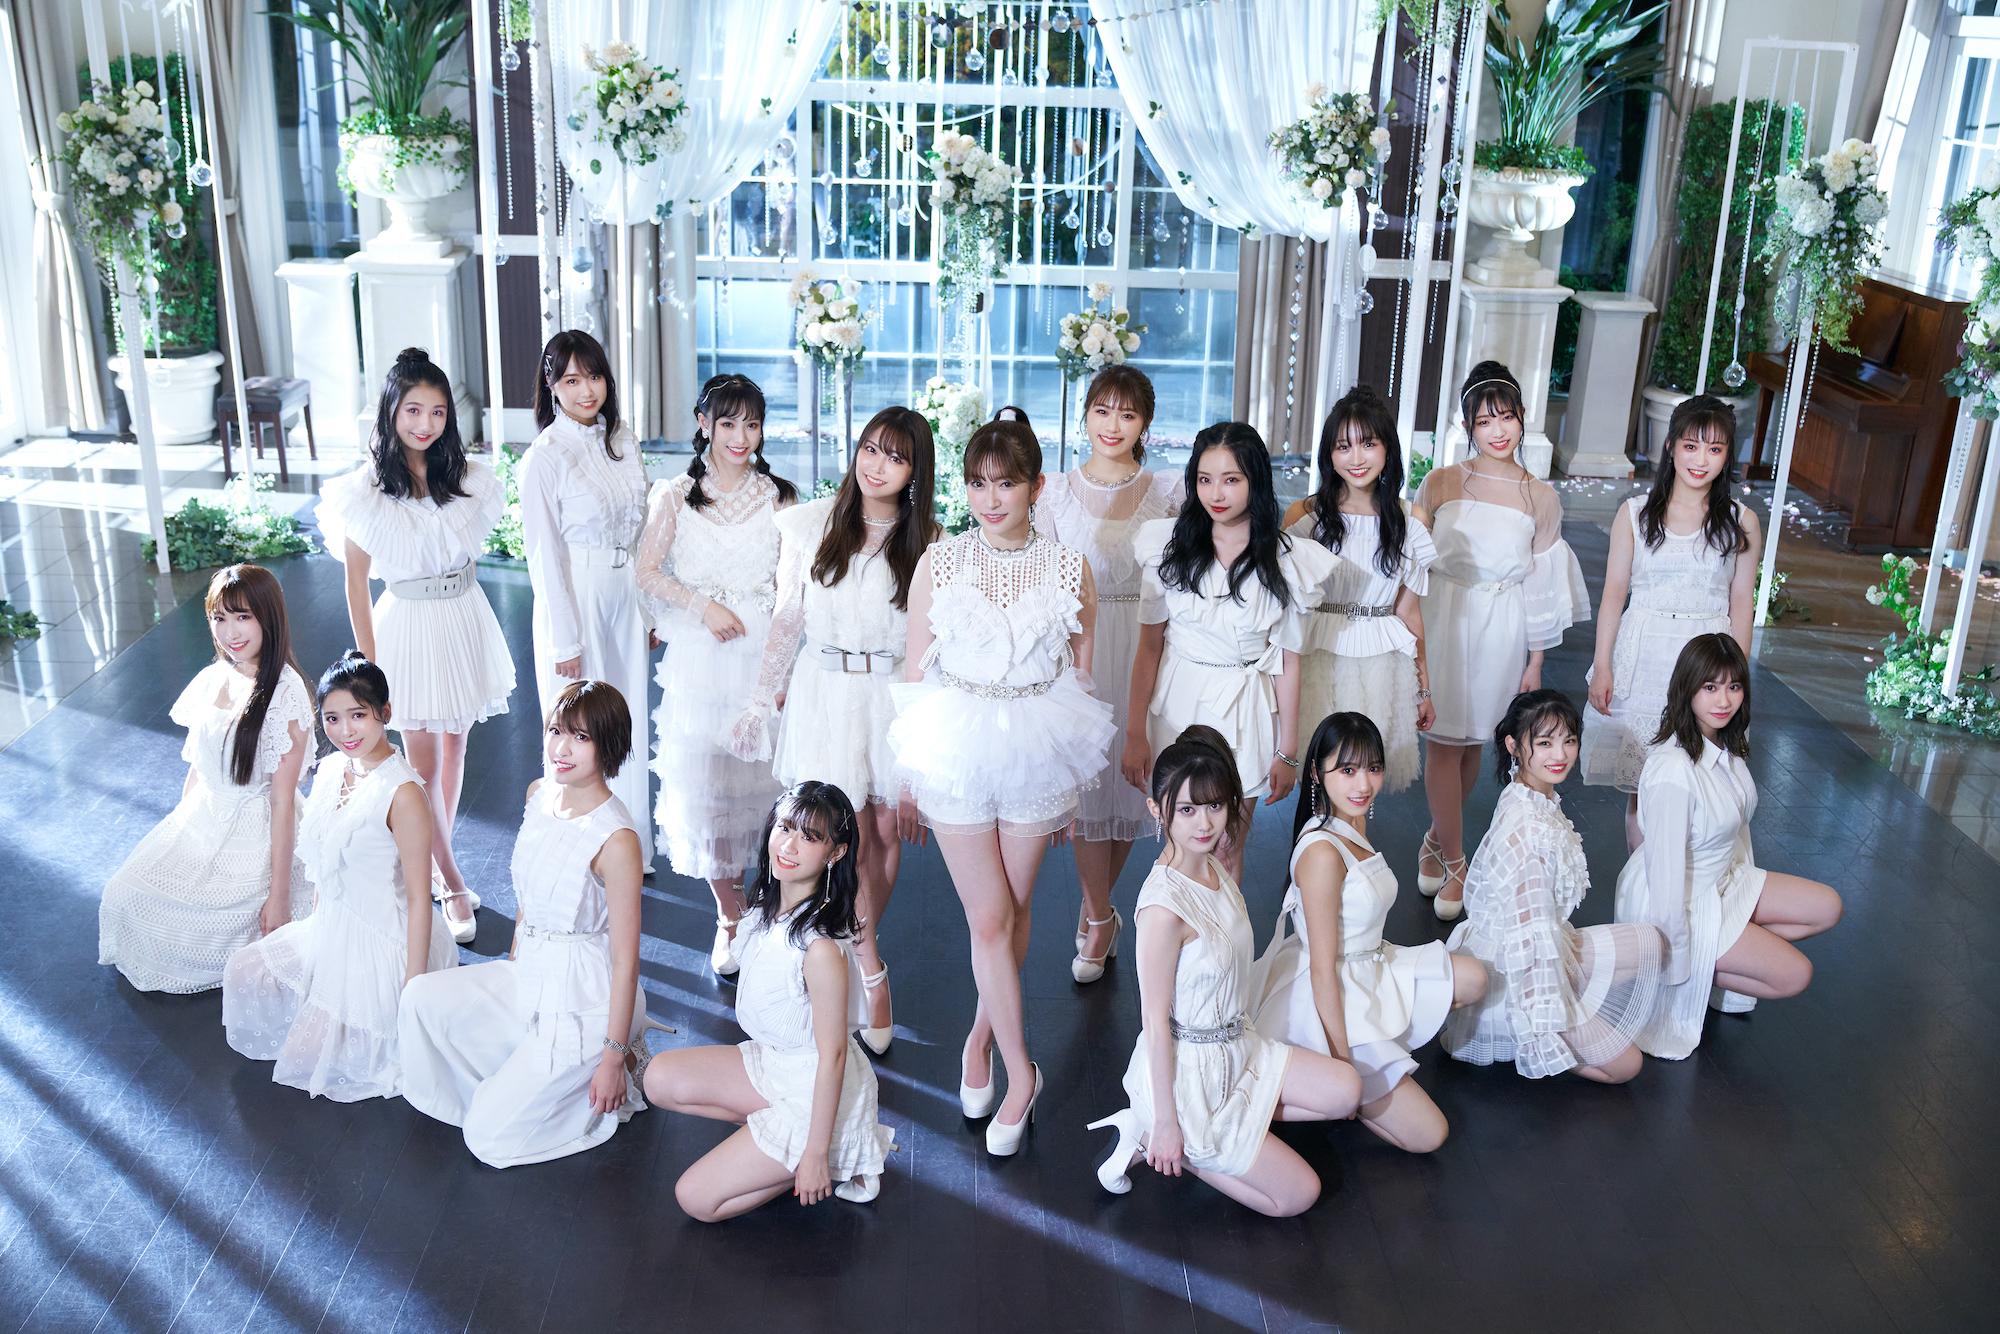 NMB48 – Toki wa Katari Hajimeru